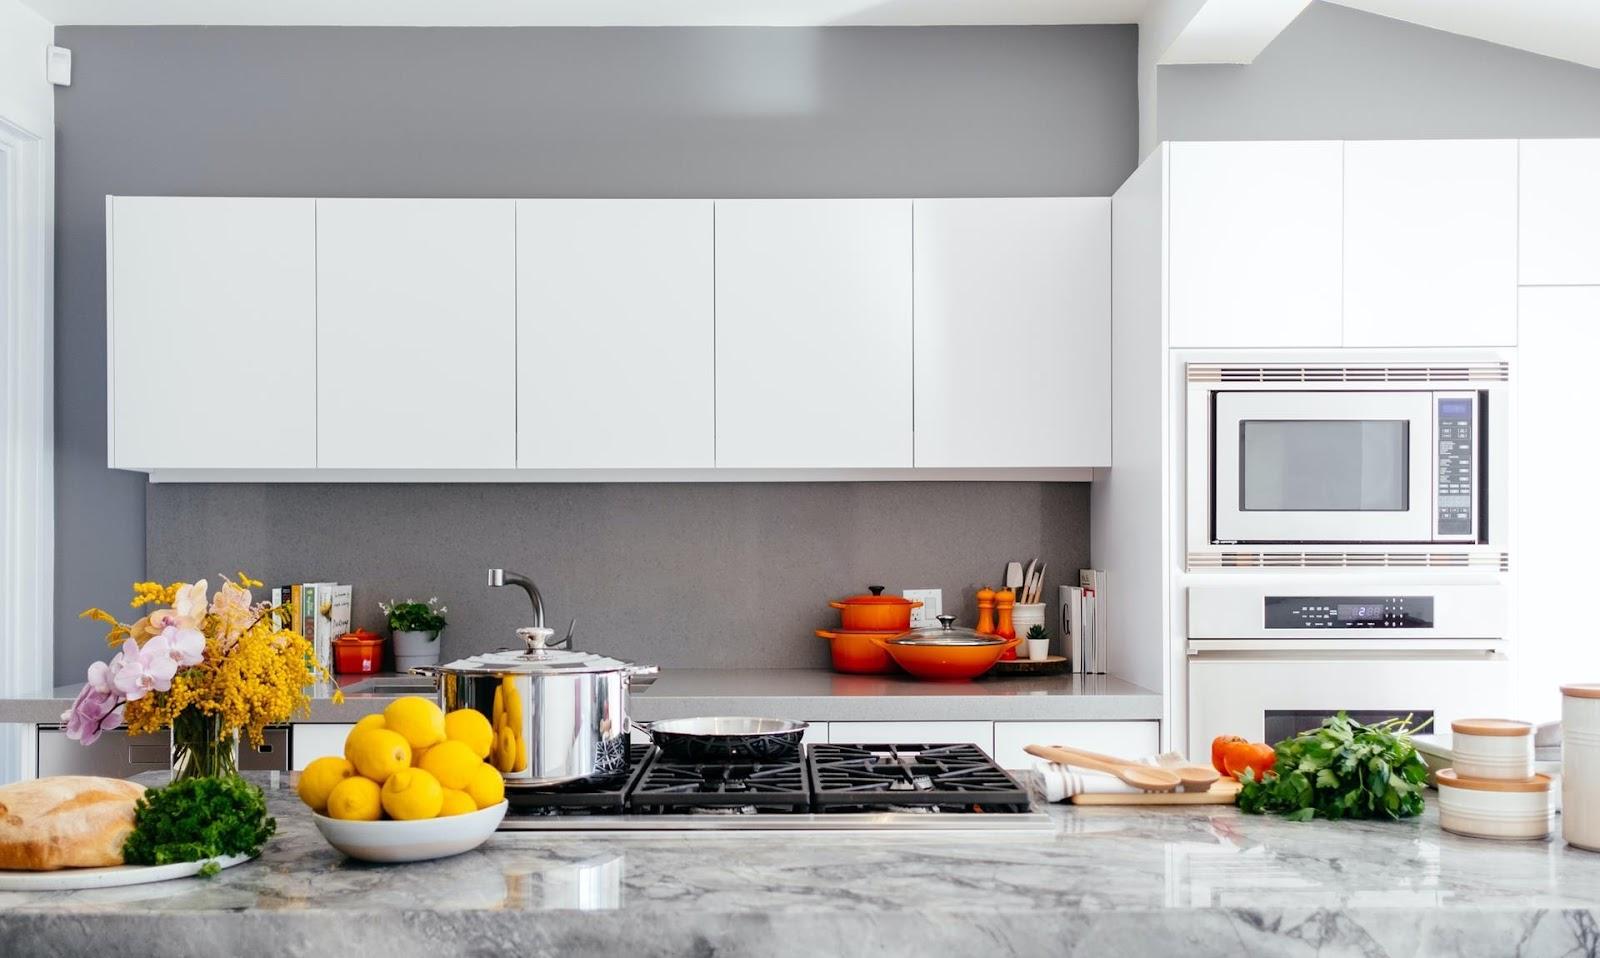 Organizar um armário de cozinha requer critérios que facilitem o uso e acesso diário dos utensílios